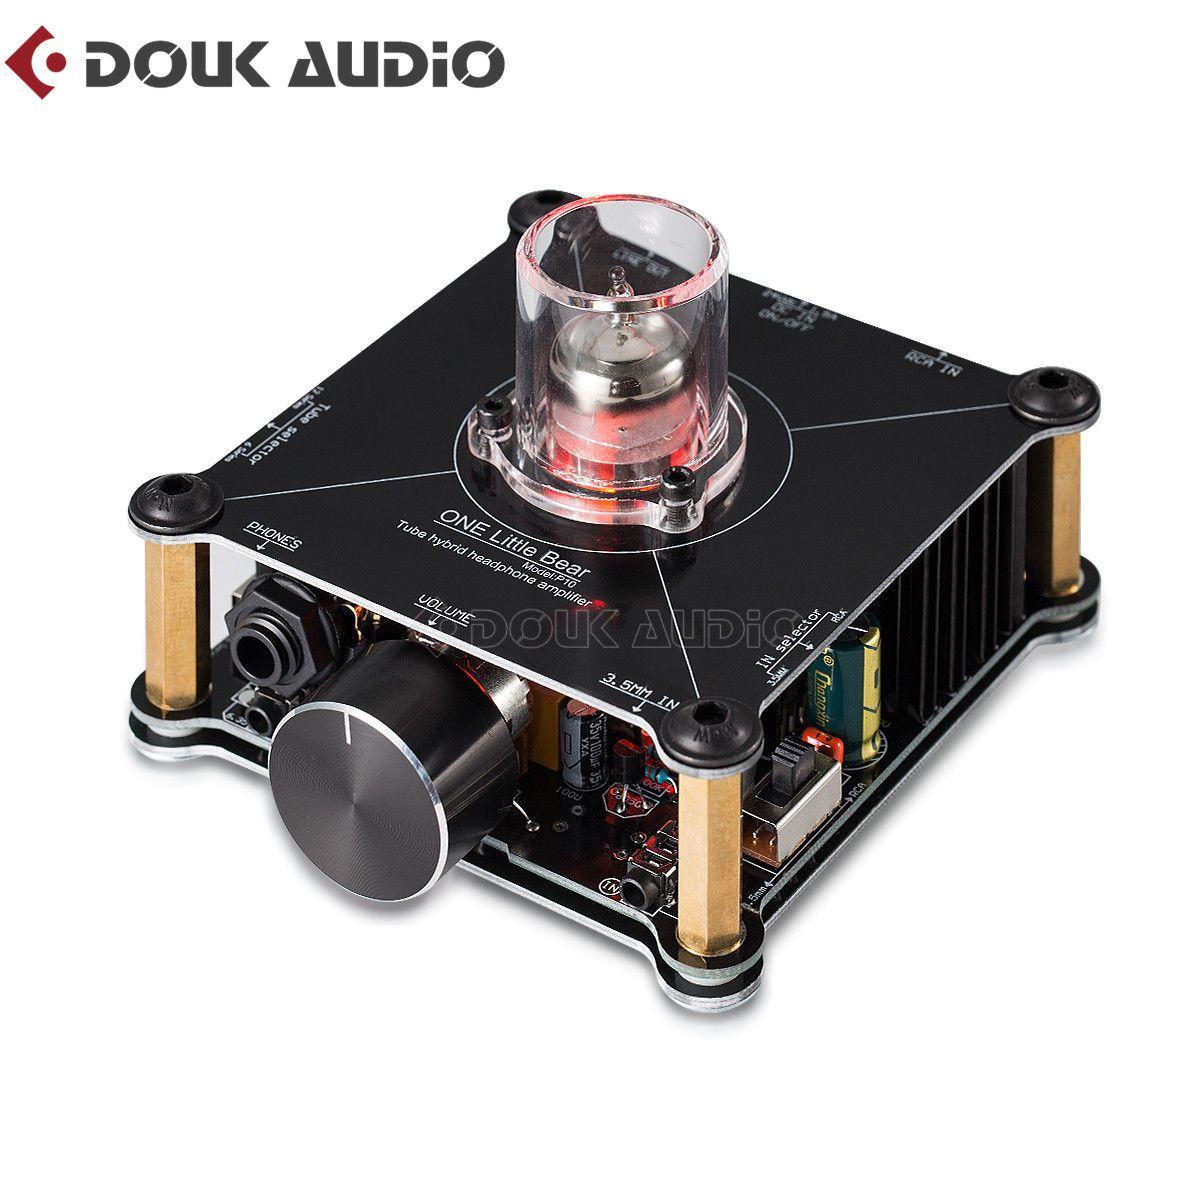 Douk audio Hallo-fi Mini Klasse A 12AU7 Rohr Multi-Hybrid Kopfhörer Verstärker Stereo Pre-Amp Wenig Bär P10 hause Amp